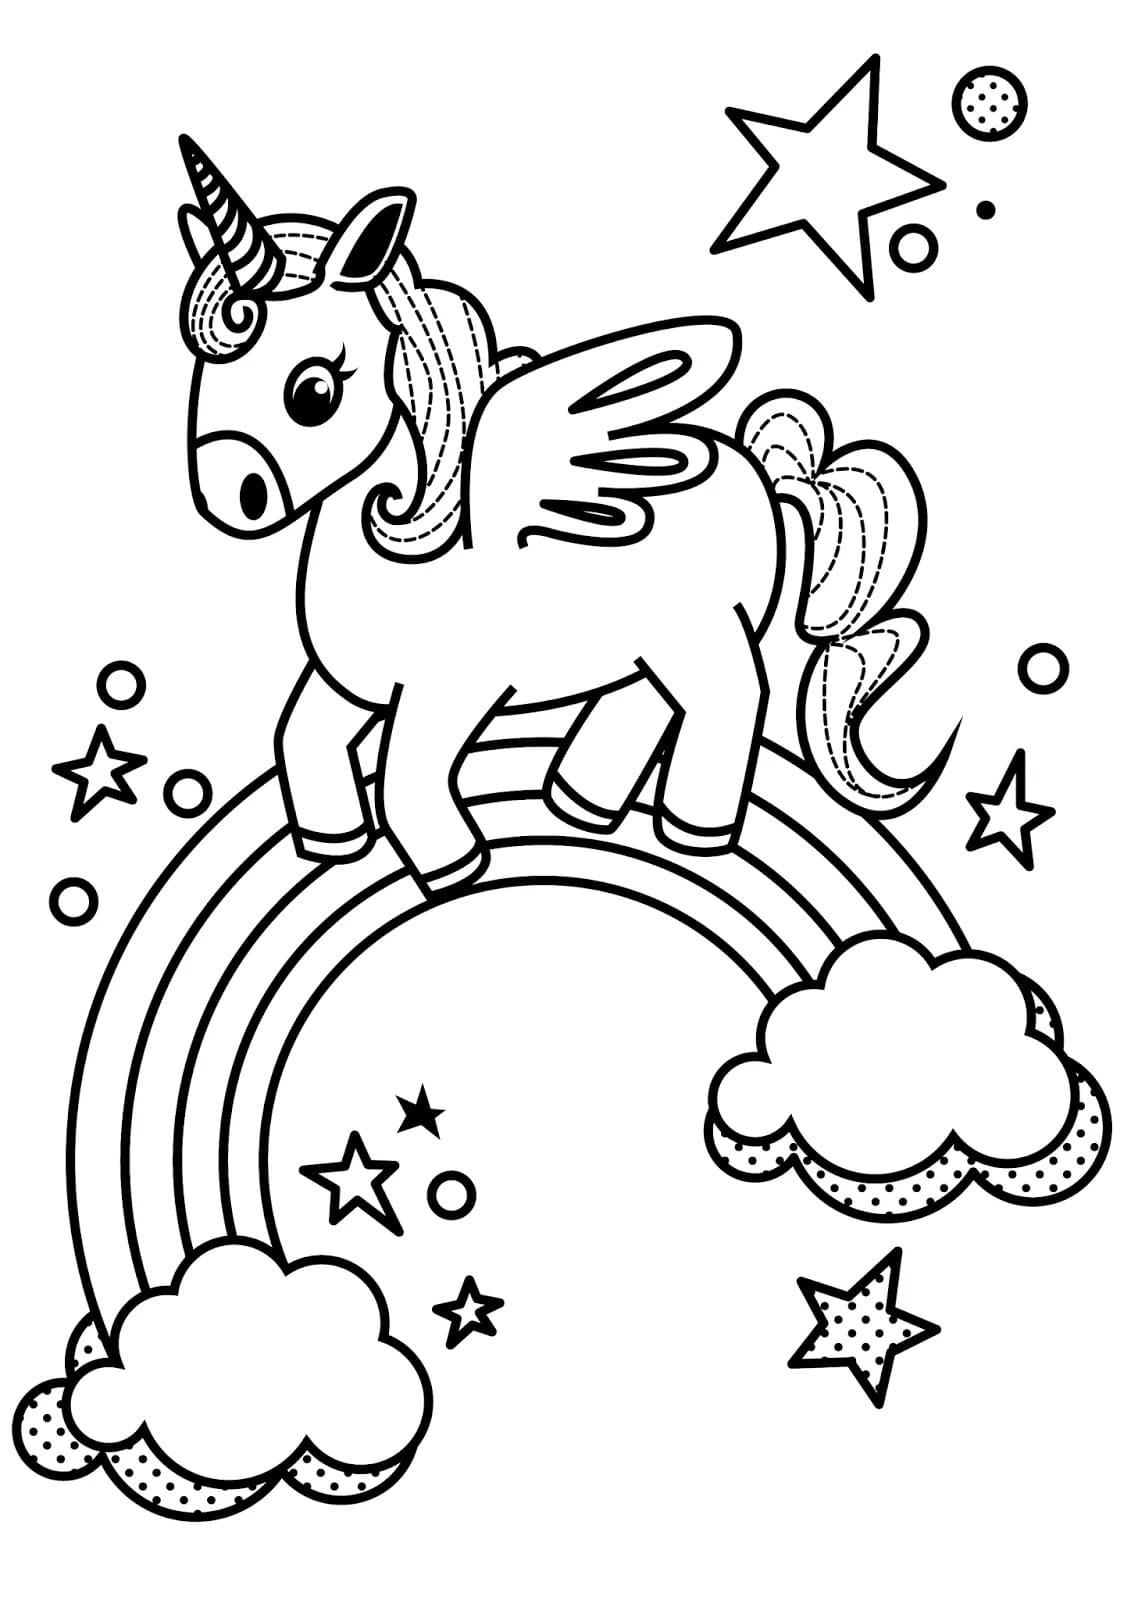 Раскраски Единорог распечатать бесплатно, скачать